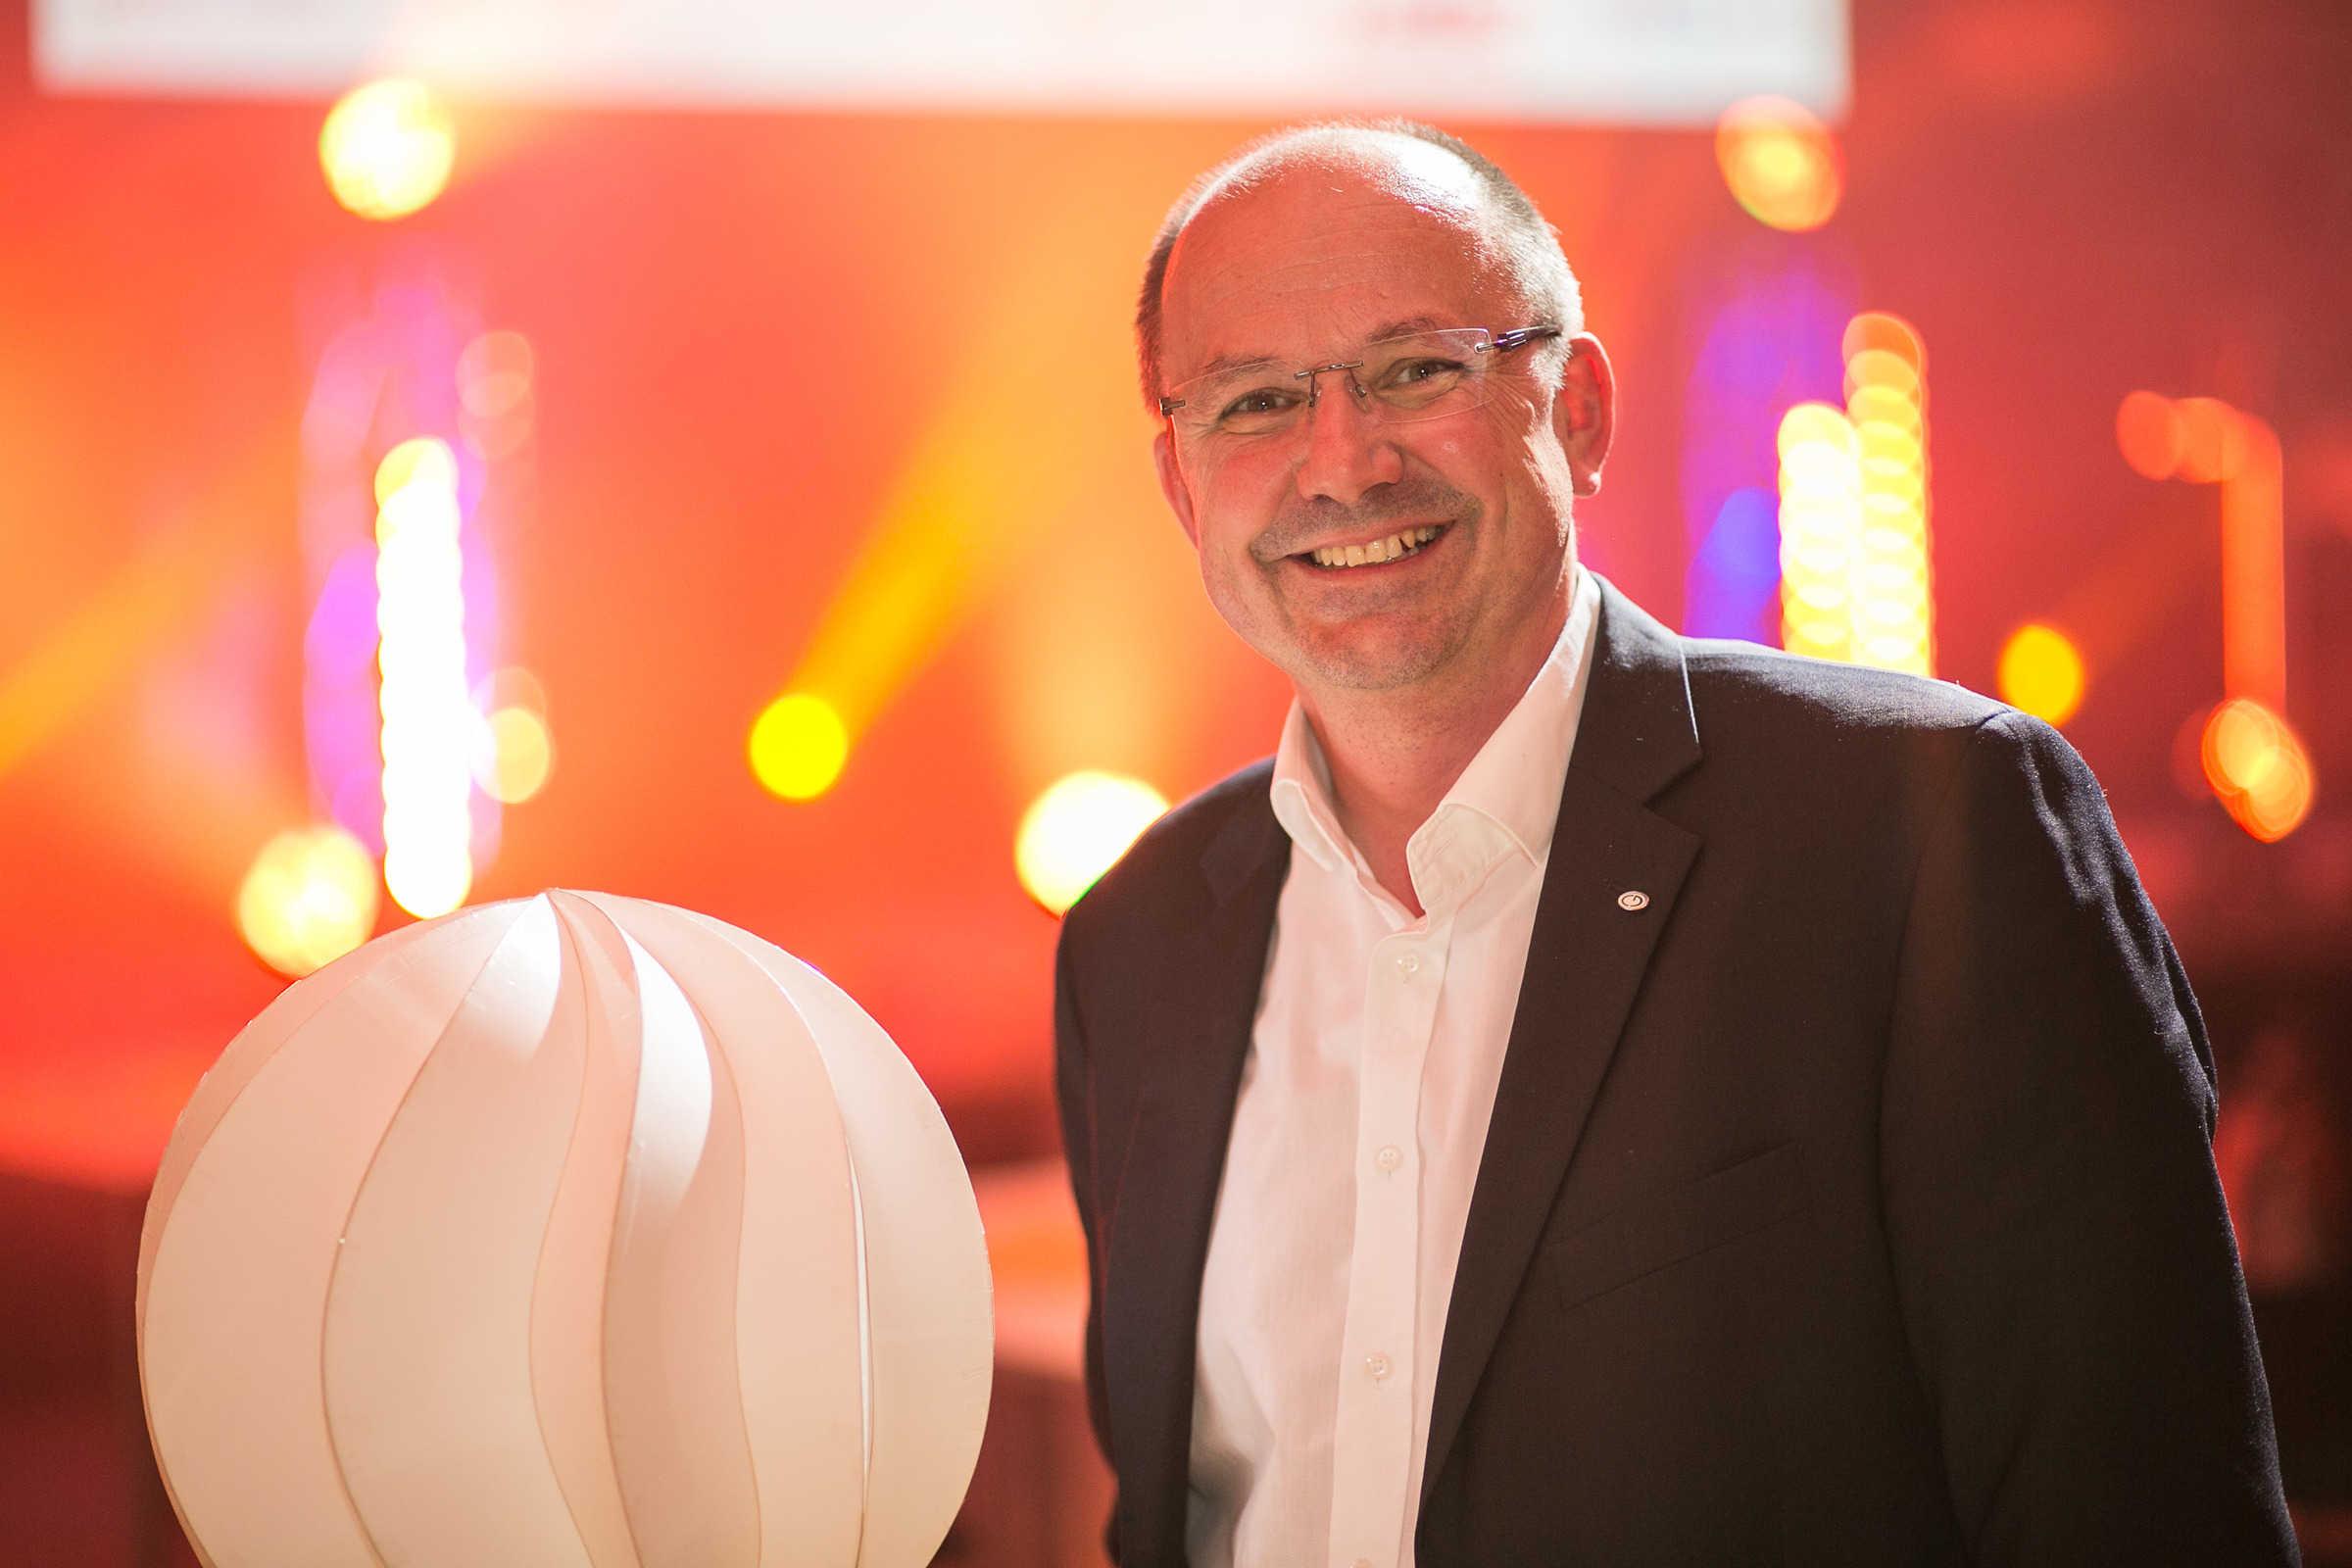 FH-Prof. DI Dr. Jürgen Neugebauer leitet das neue Forschungszentrum.